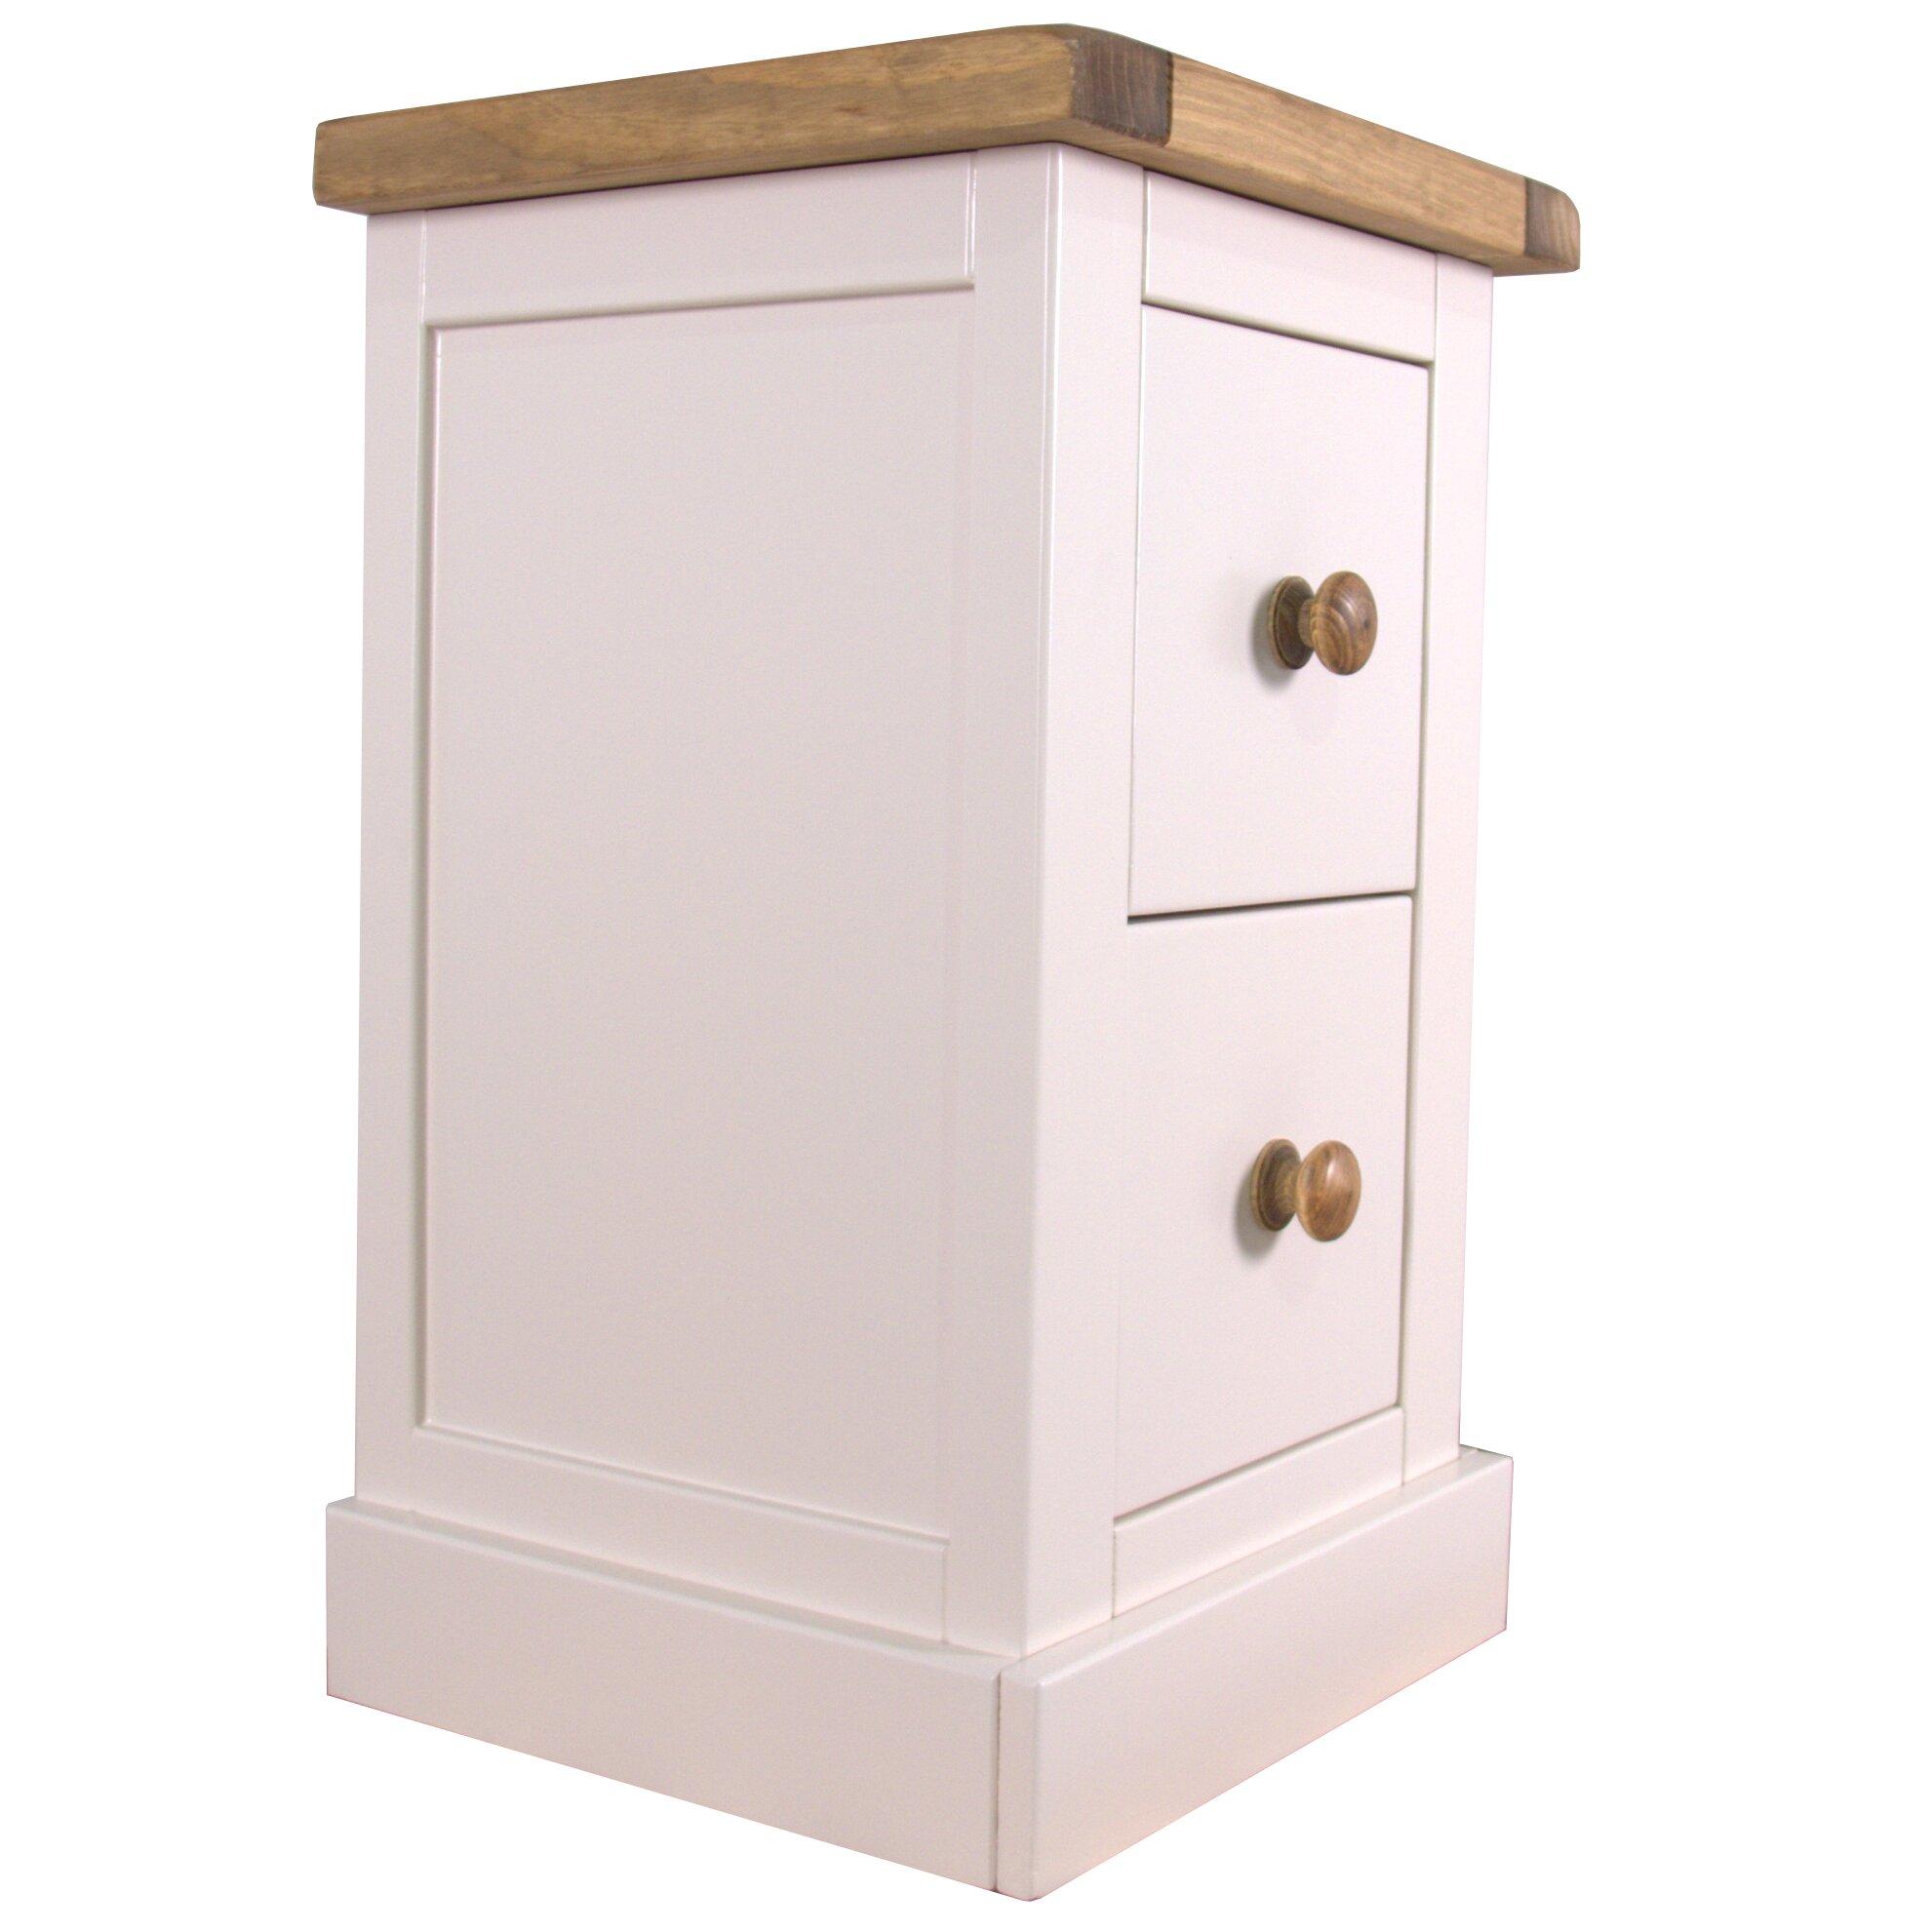 hazelwood home 2 drawer bedside table reviews wayfair uk. Black Bedroom Furniture Sets. Home Design Ideas